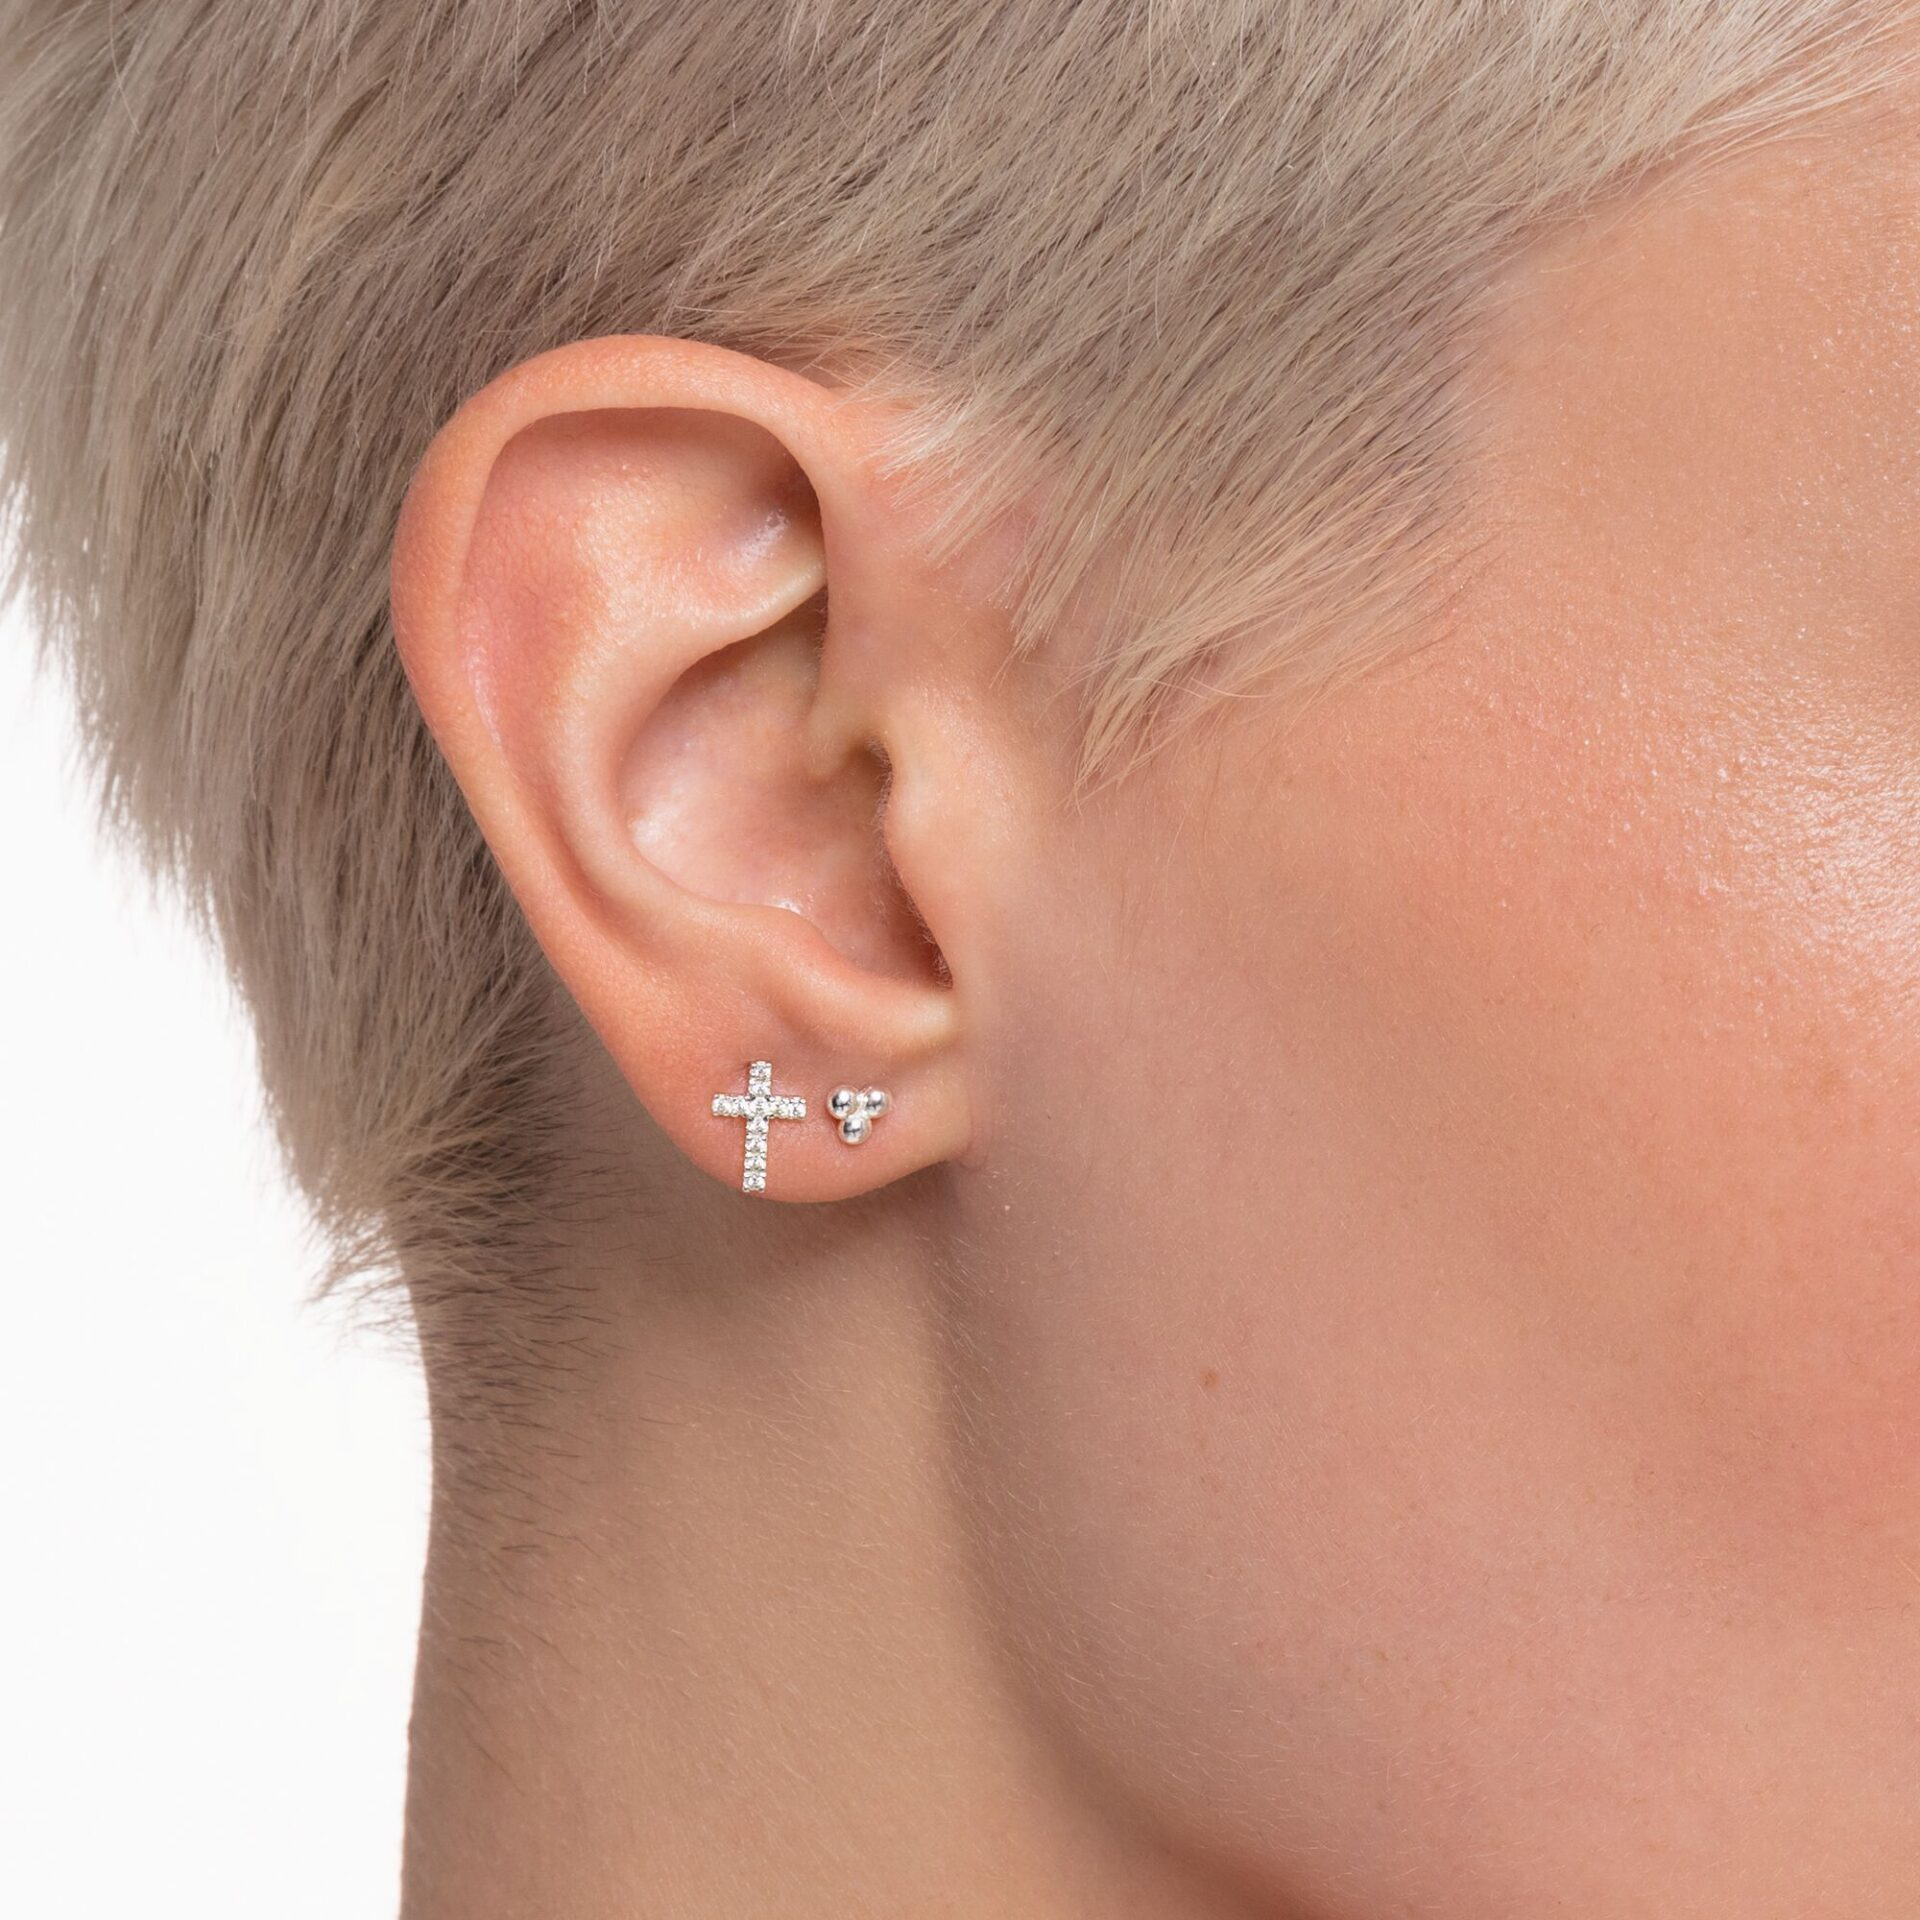 Clou d'oreille unique perles argent, Thomas Sabo